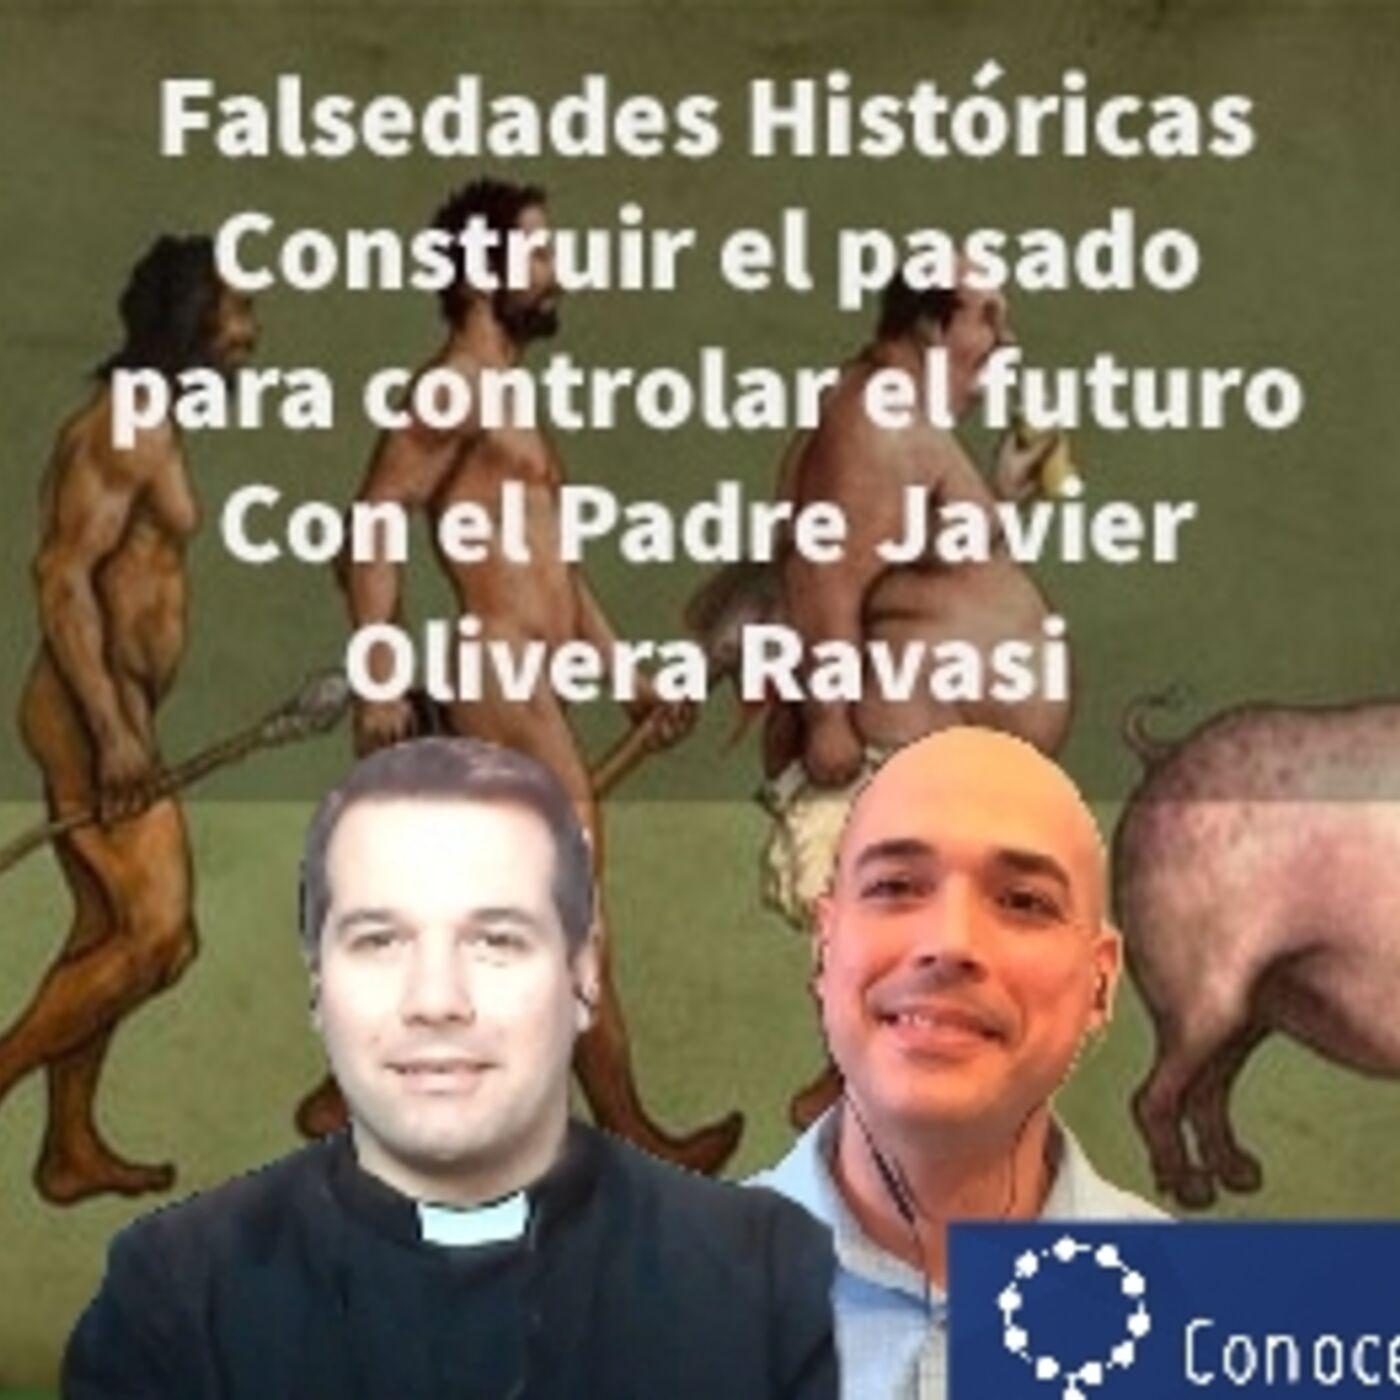 Episodio 260: 🤔 Falsedades Históricas 😨 Cambiar el pasado  Controlar el futuro ✝️con Padre Javier Olivera Ravasi